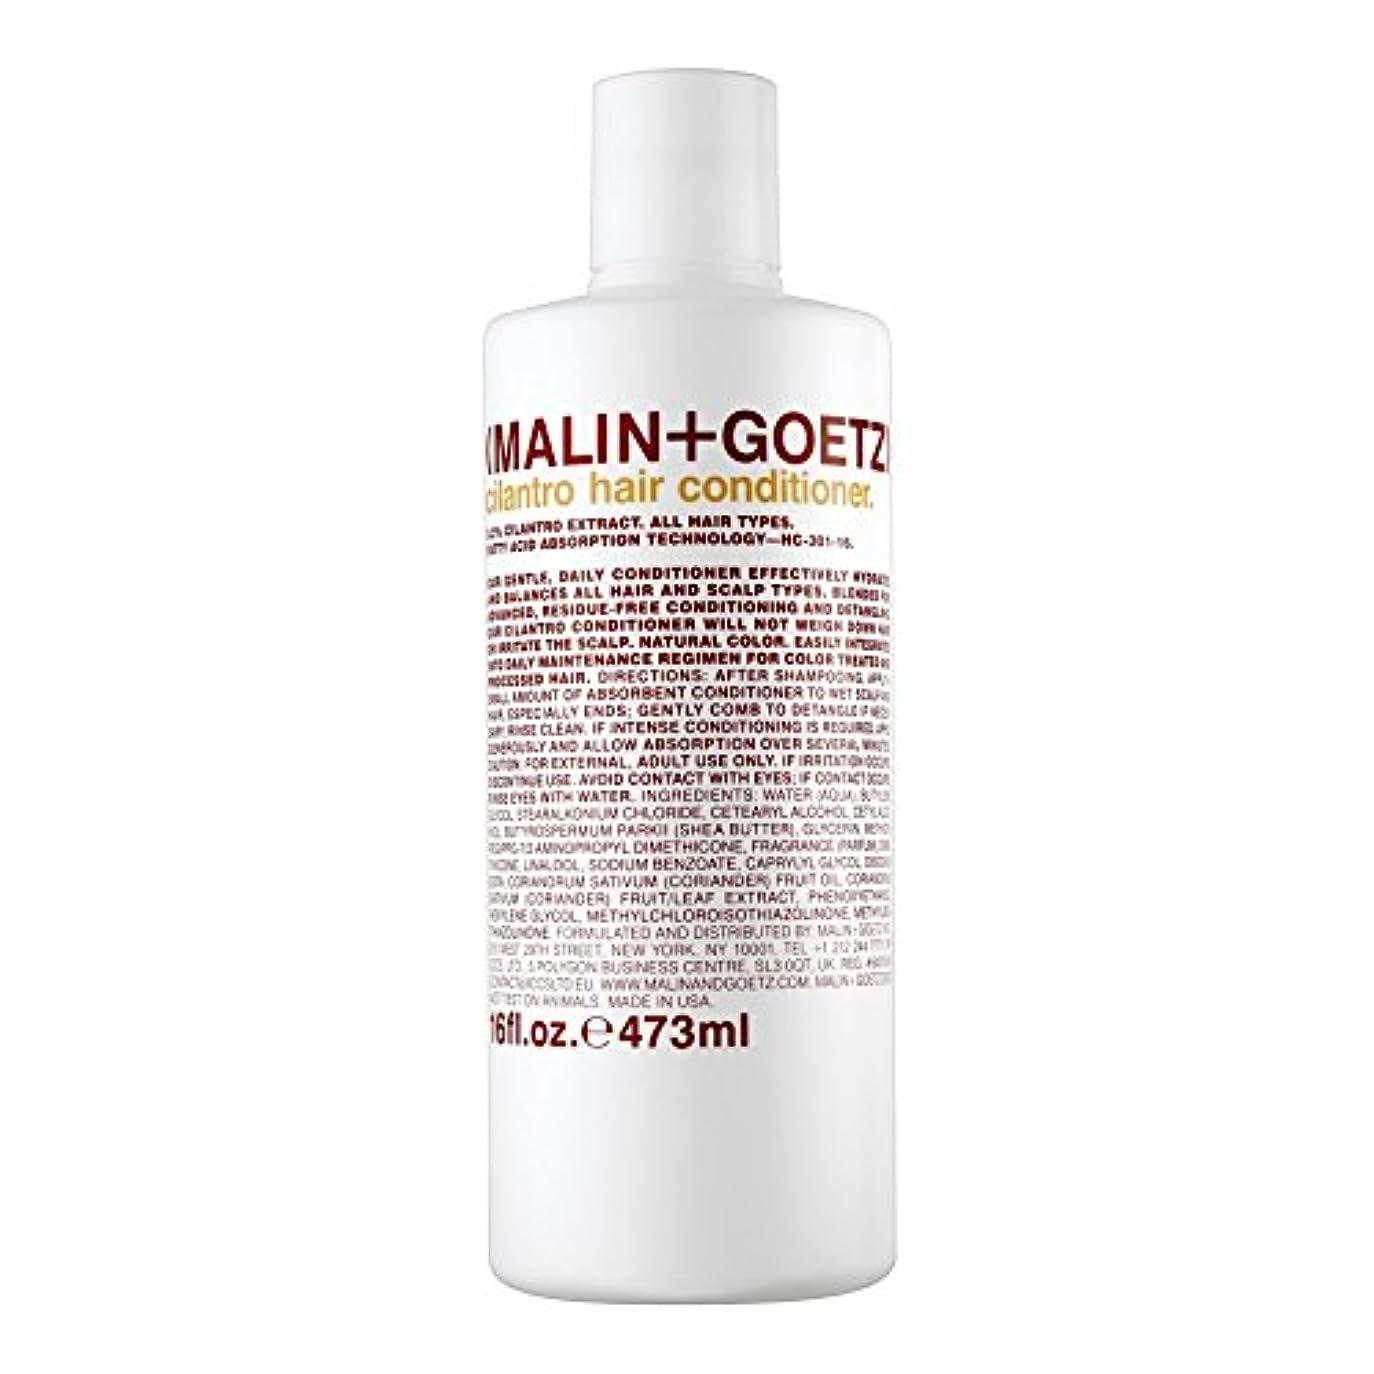 閉じ込める餌一緒にMALIN+GOETZ Cilantro Hair Conditioner 473ml (Pack of 6) - マリン+ゲッツコリアンダーのヘアコンディショナー473ミリリットル x6 [並行輸入品]